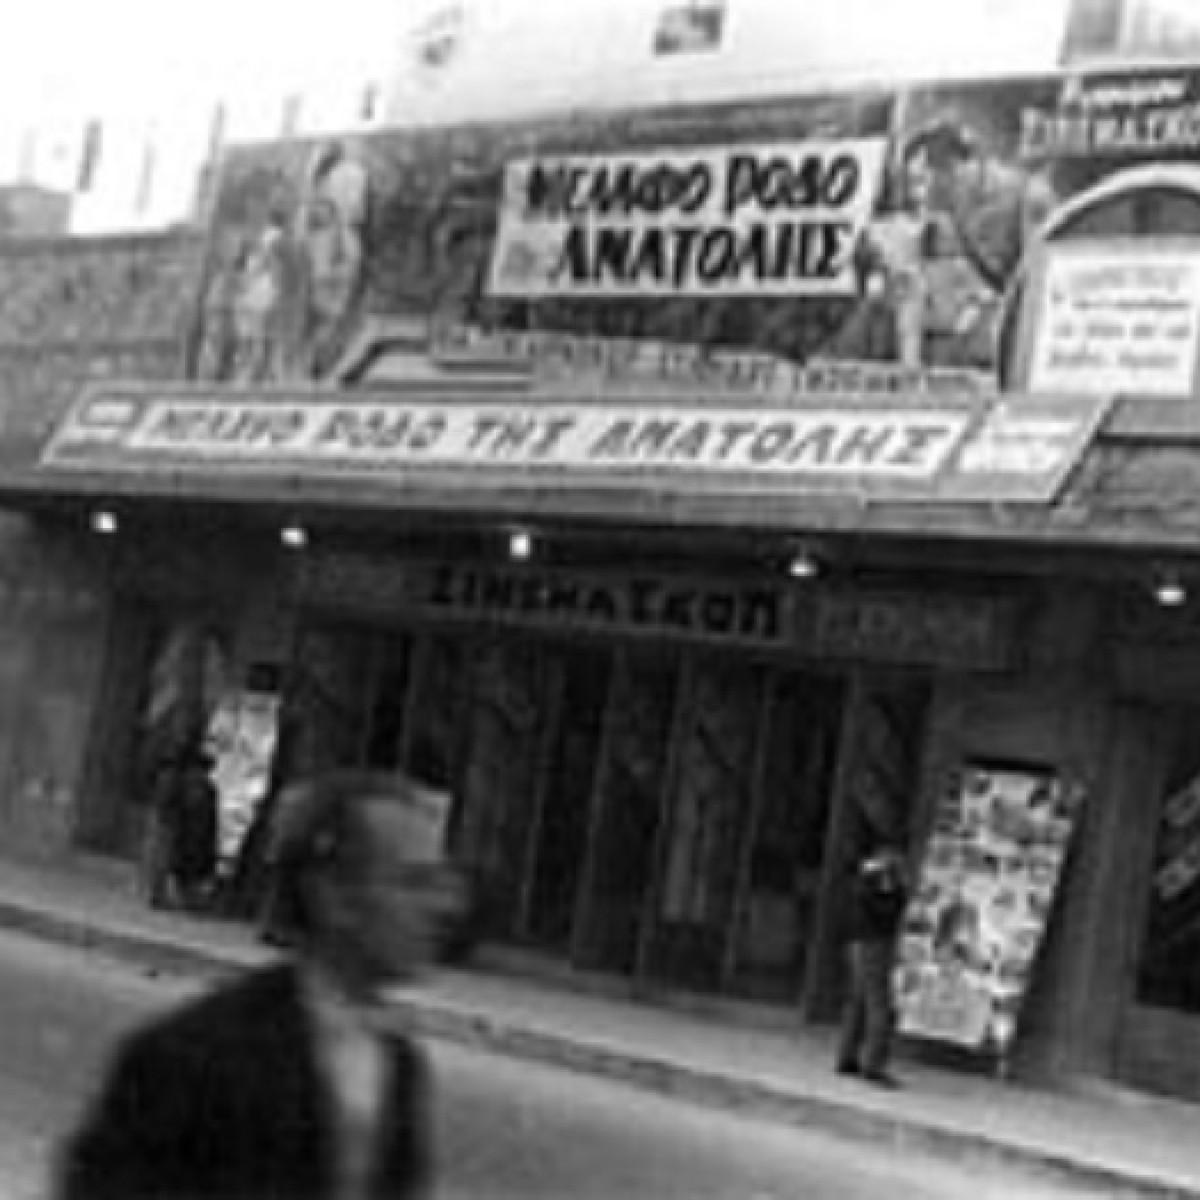 Οταν στο Ηράκλειο διασκέδαση ήταν οι κινηματογράφοι